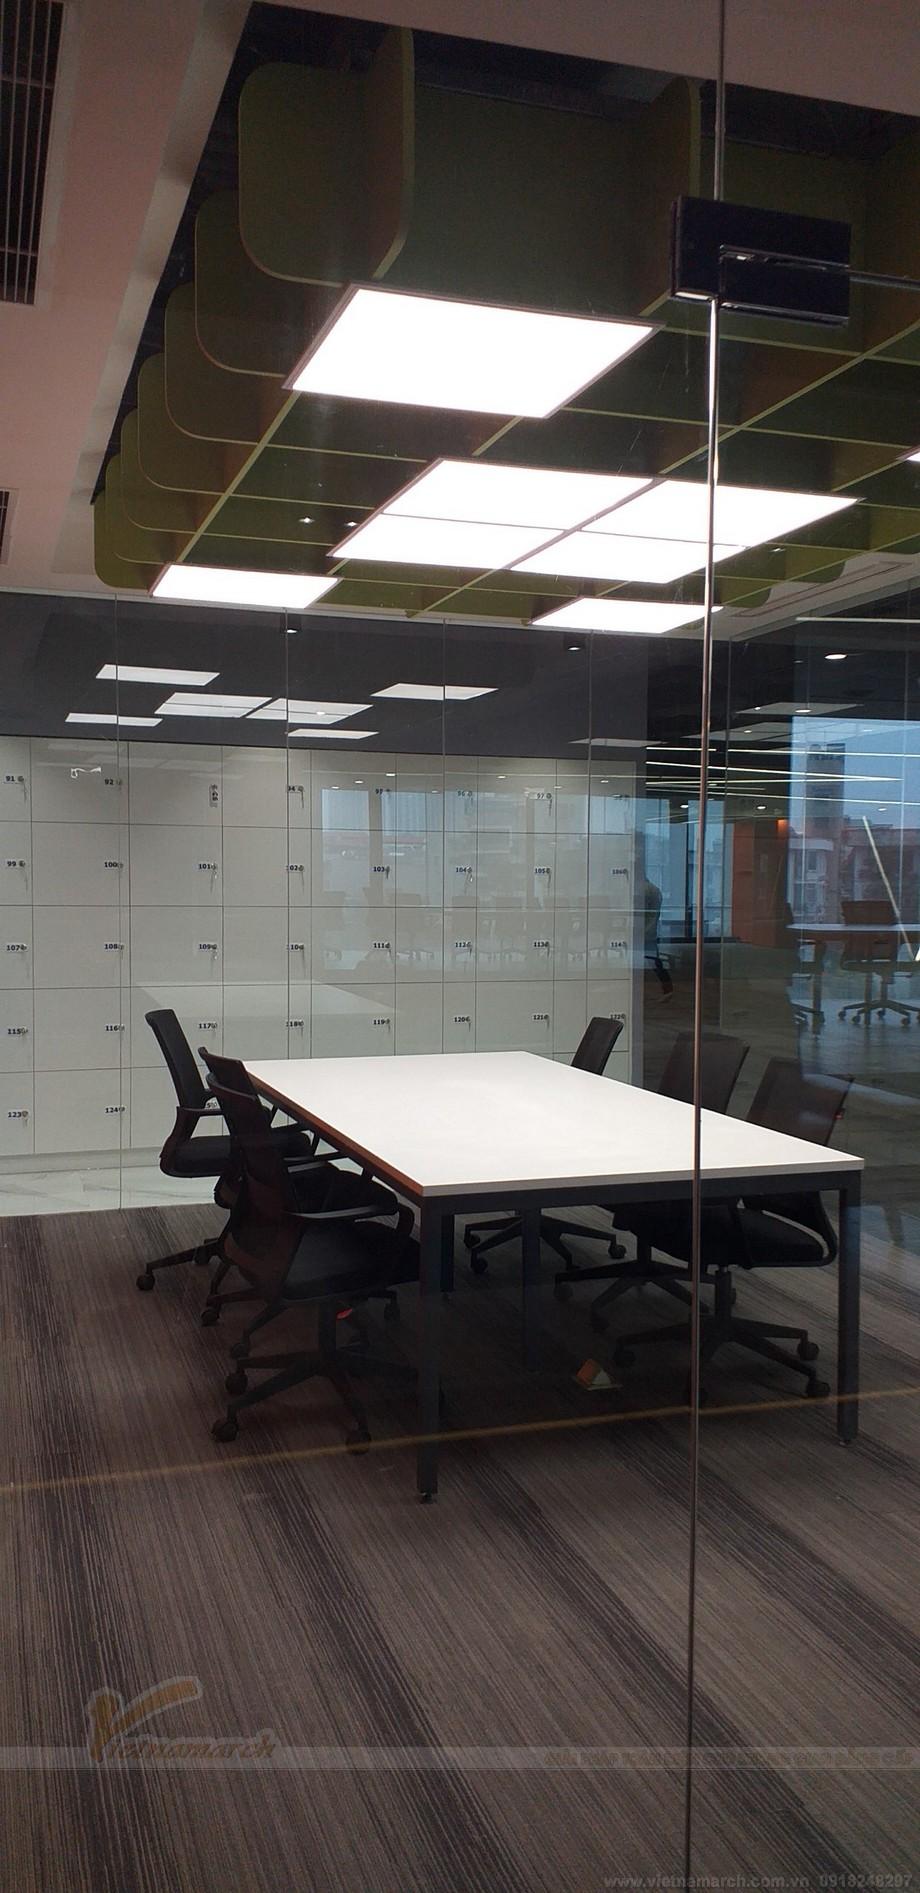 Thiết kế phòng họp nhóm ấn tượng trong coworking space